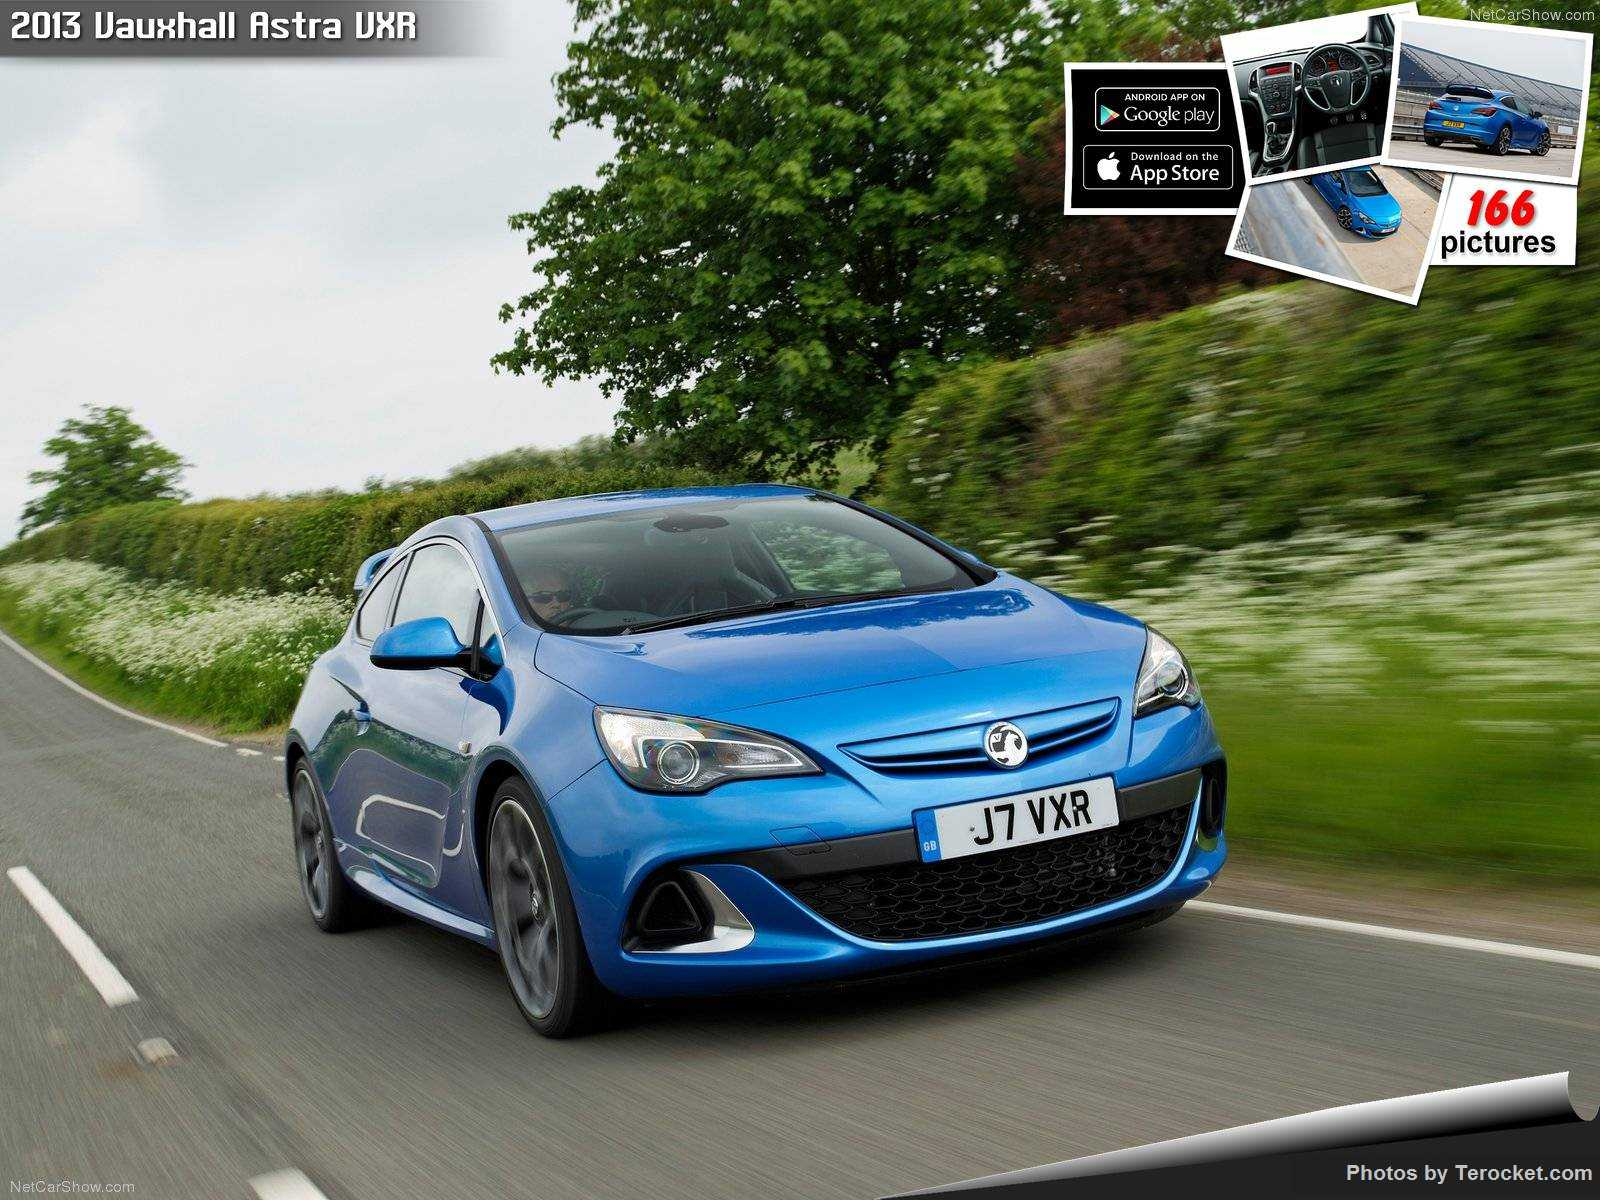 Hình ảnh xe ô tô Vauxhall Astra VXR 2013 & nội ngoại thất